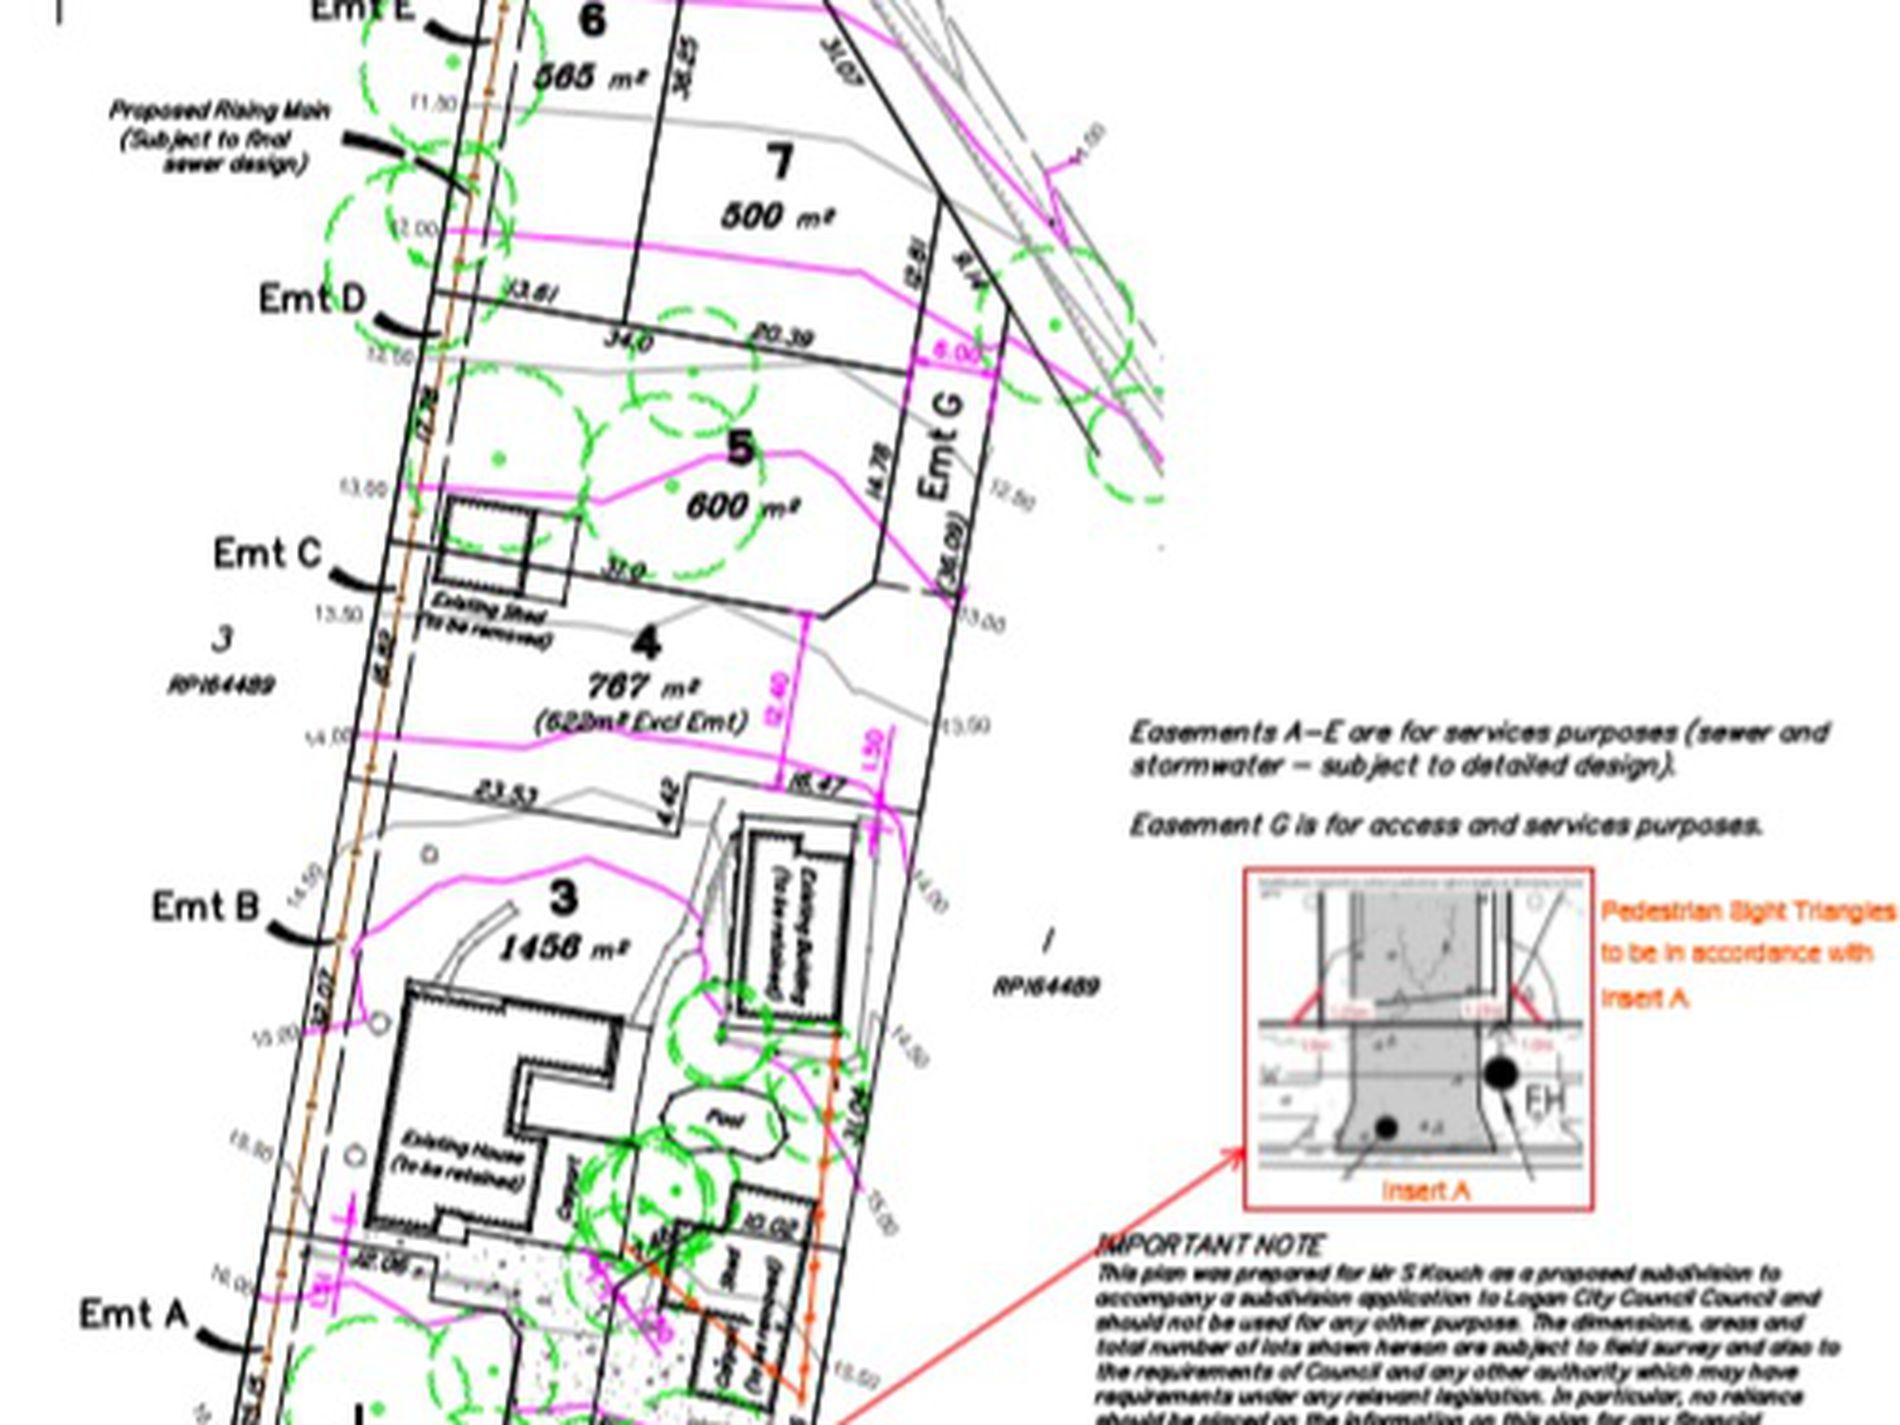 Lot 2, 9-11 Grove Road, Holmview